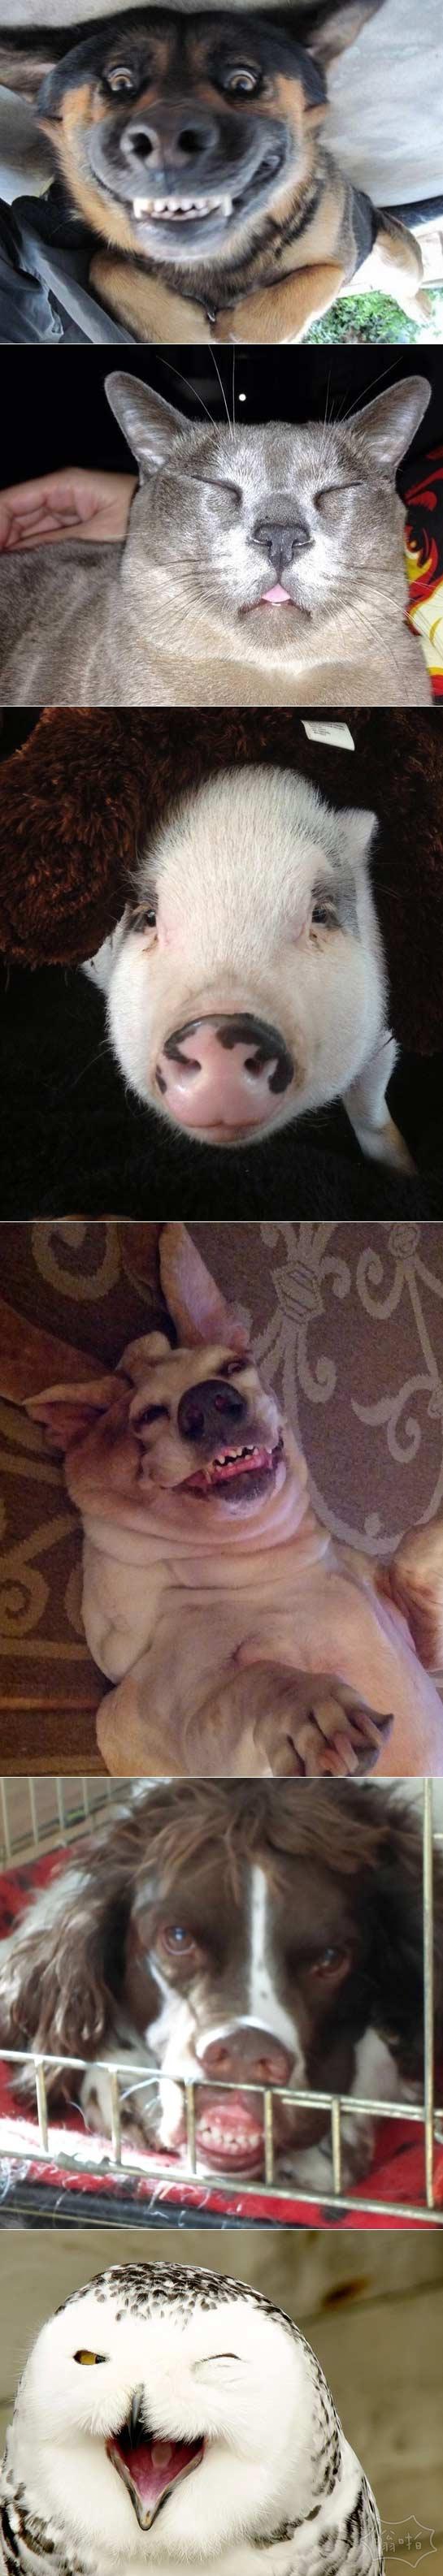 动物表情帝